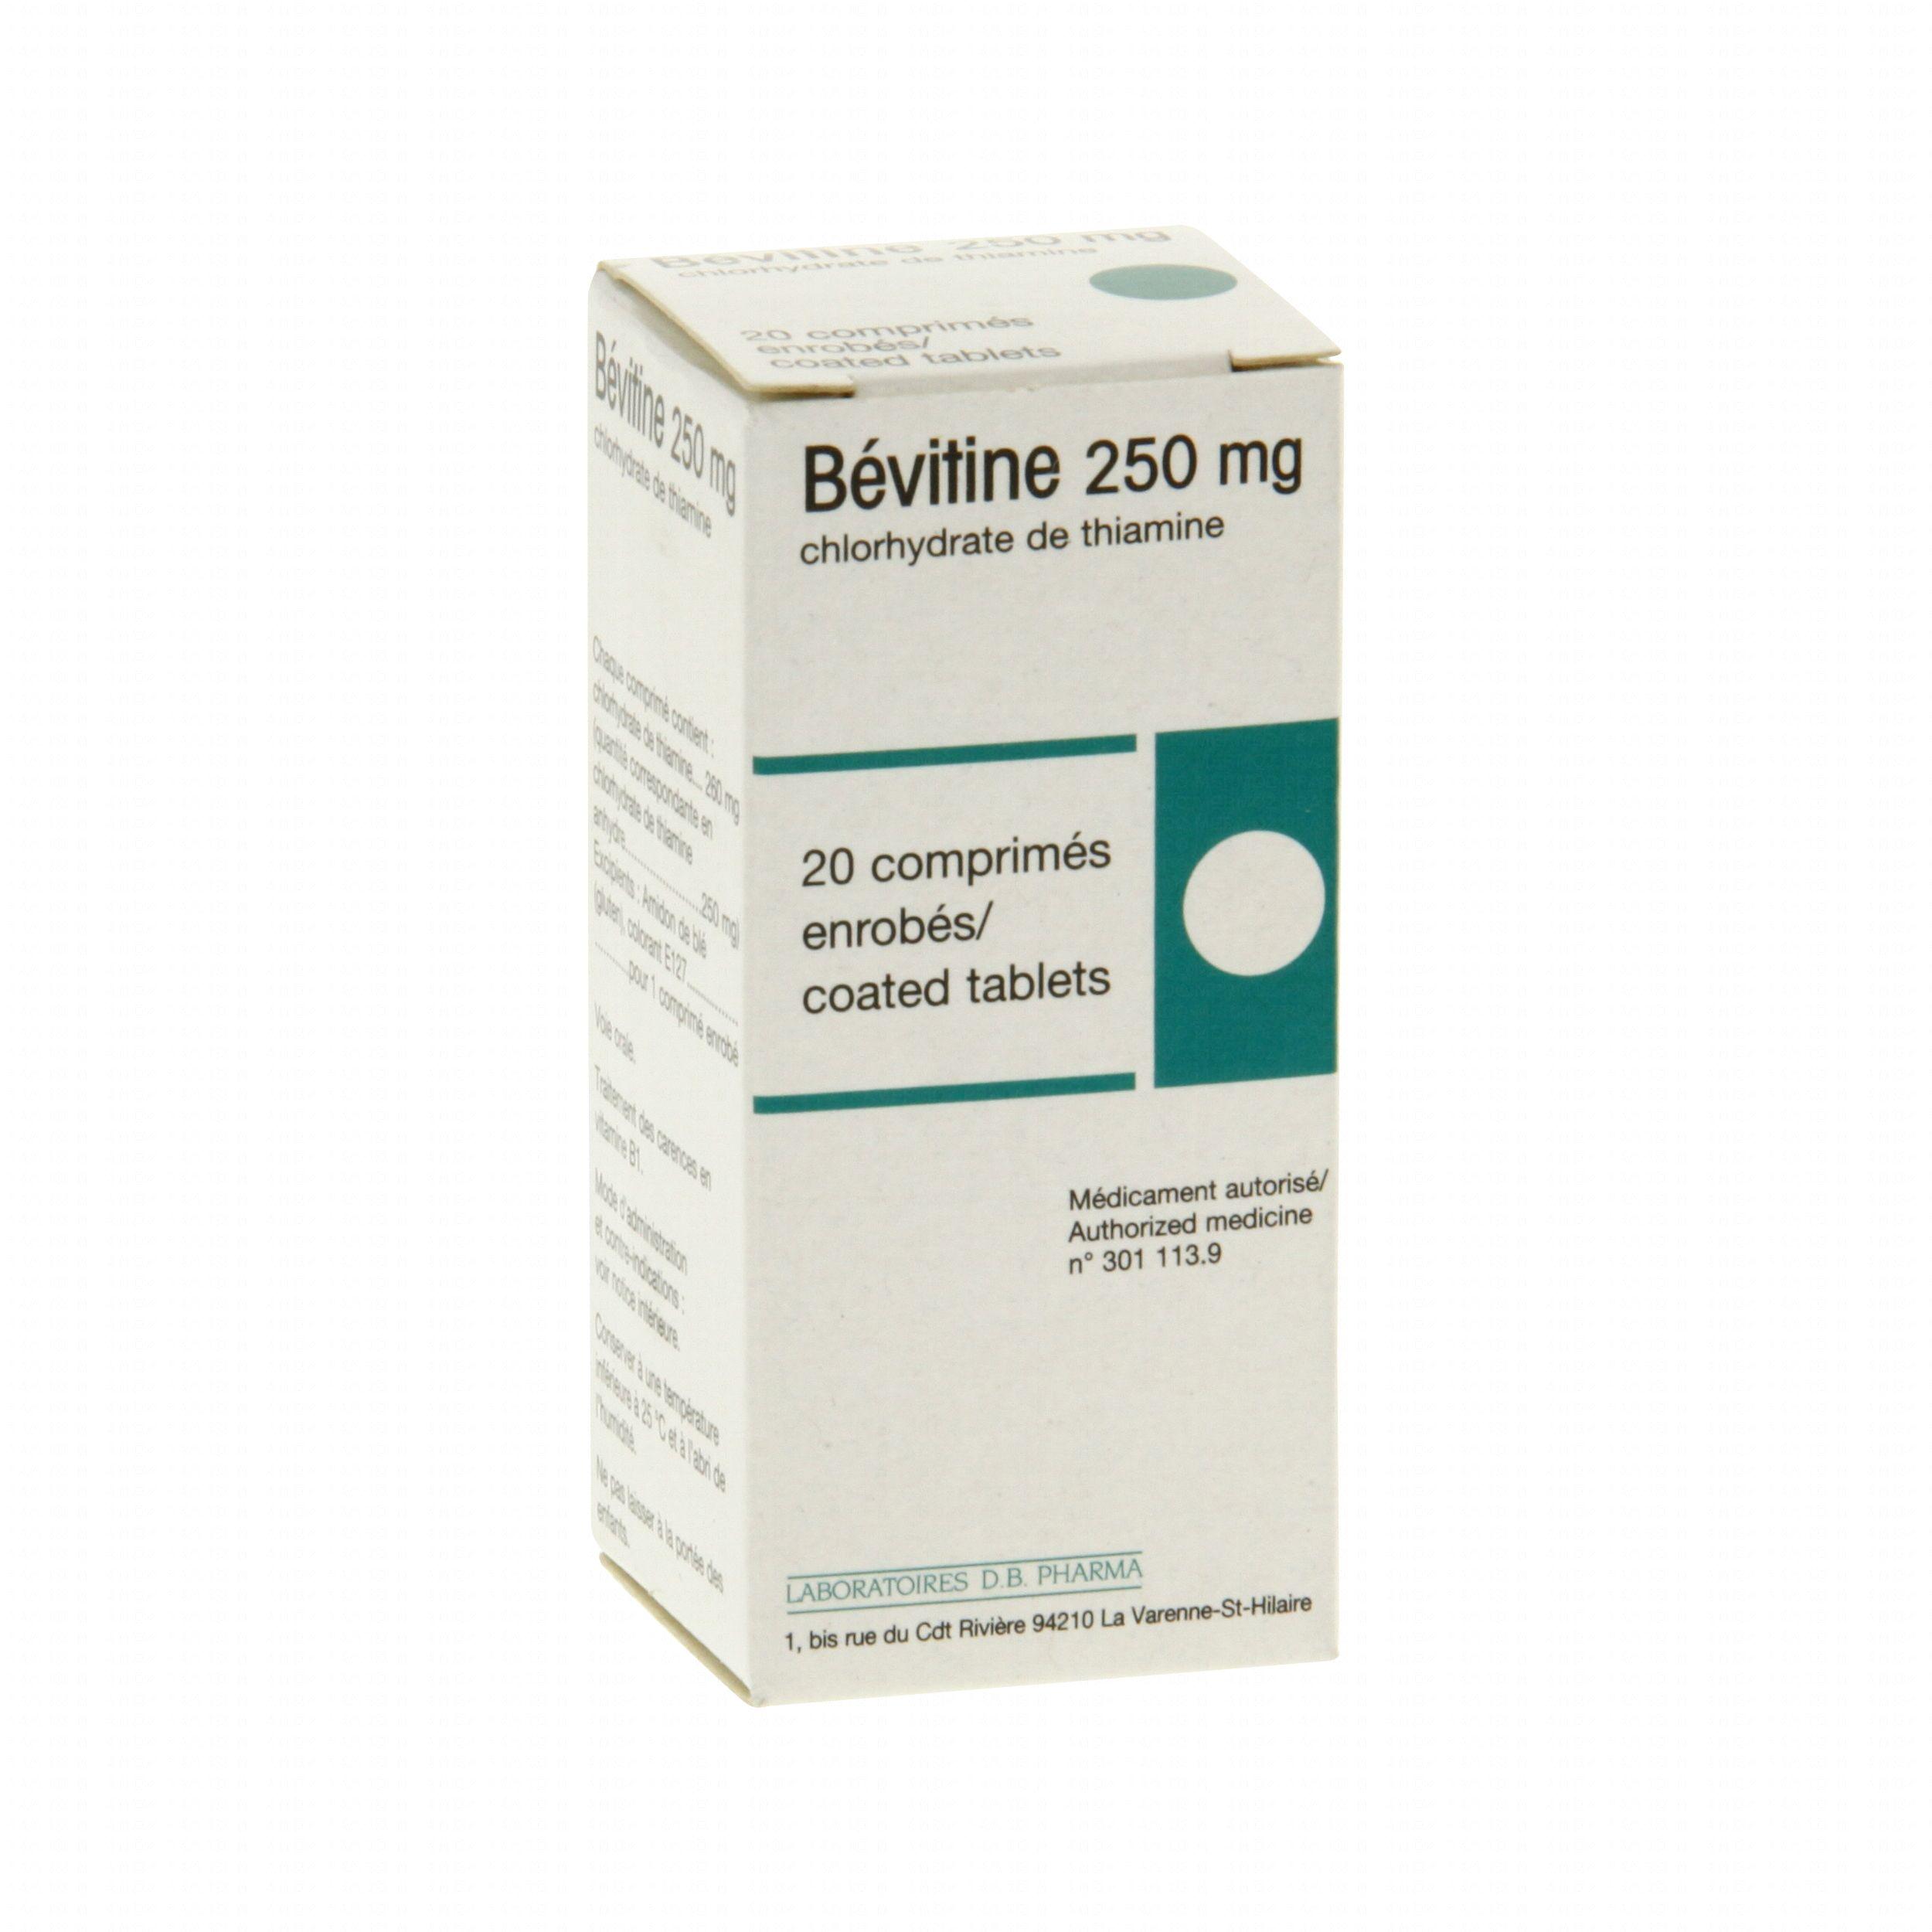 Zithromax 250 sans ordonnance en pharmacie - Plan b accutane